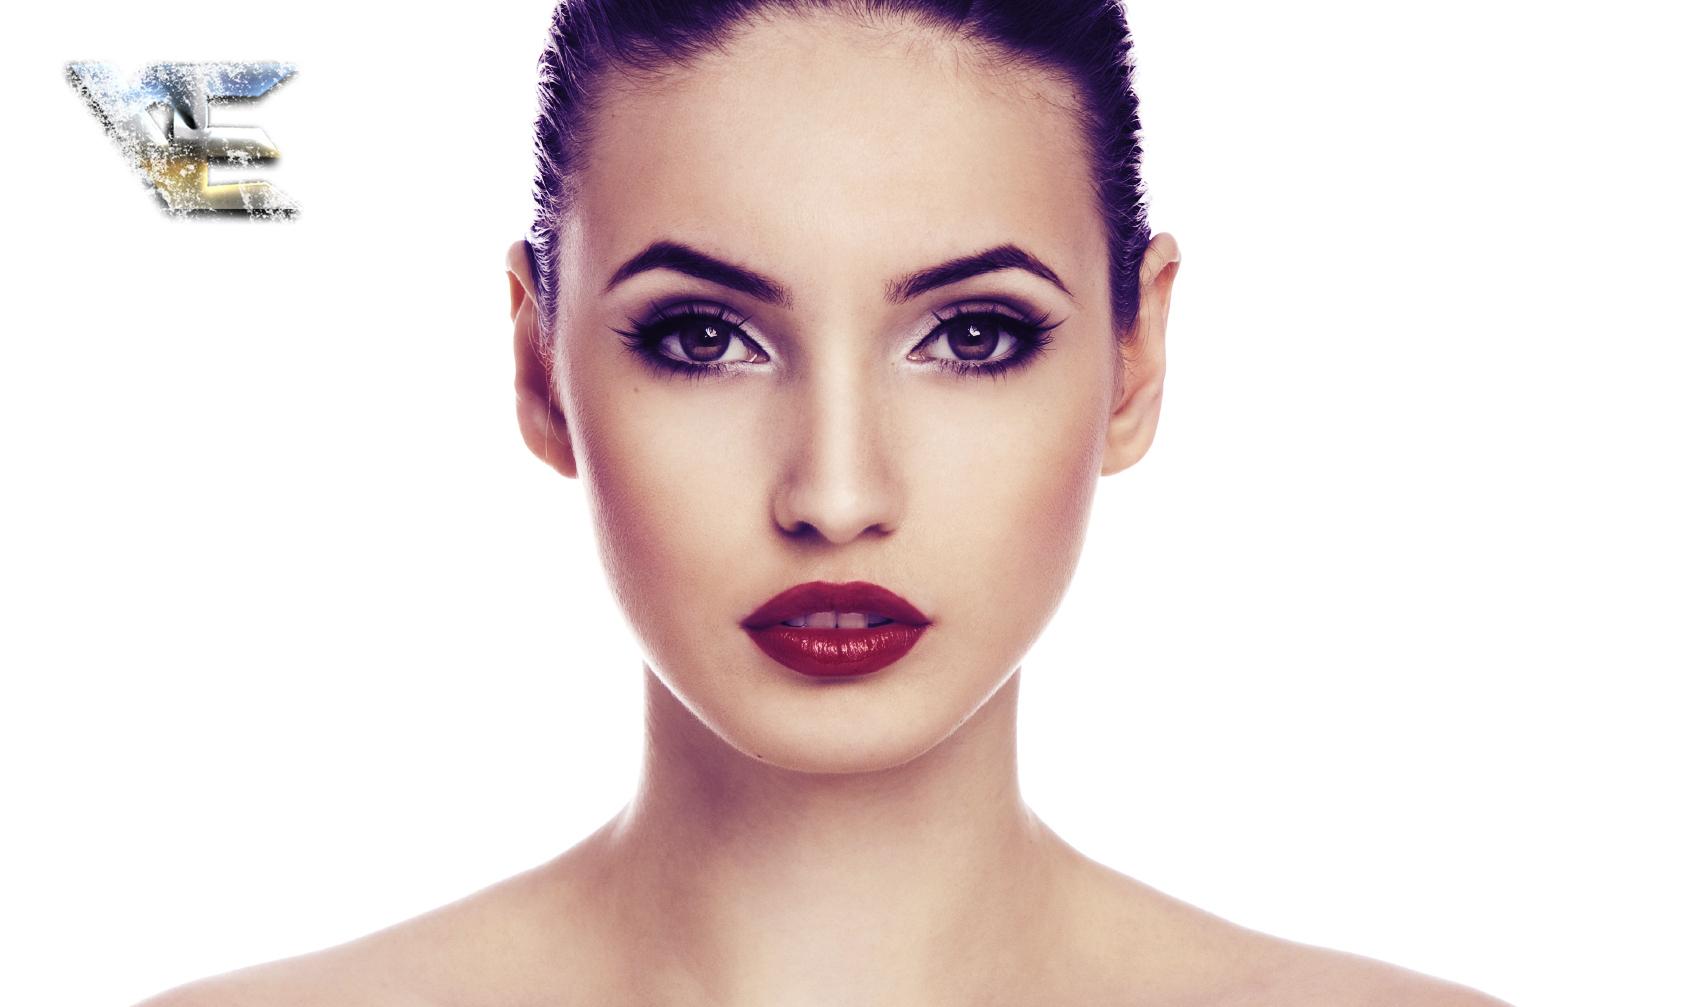 Фото девушек с перманентным макияжем бровей